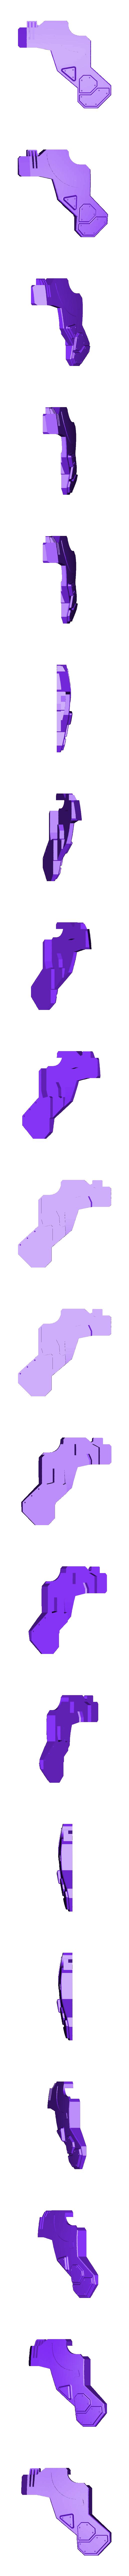 BodyT2_03_Left_OliveGreen.stl Download STL file Heavy Gun Walker • 3D print design, Jwoong